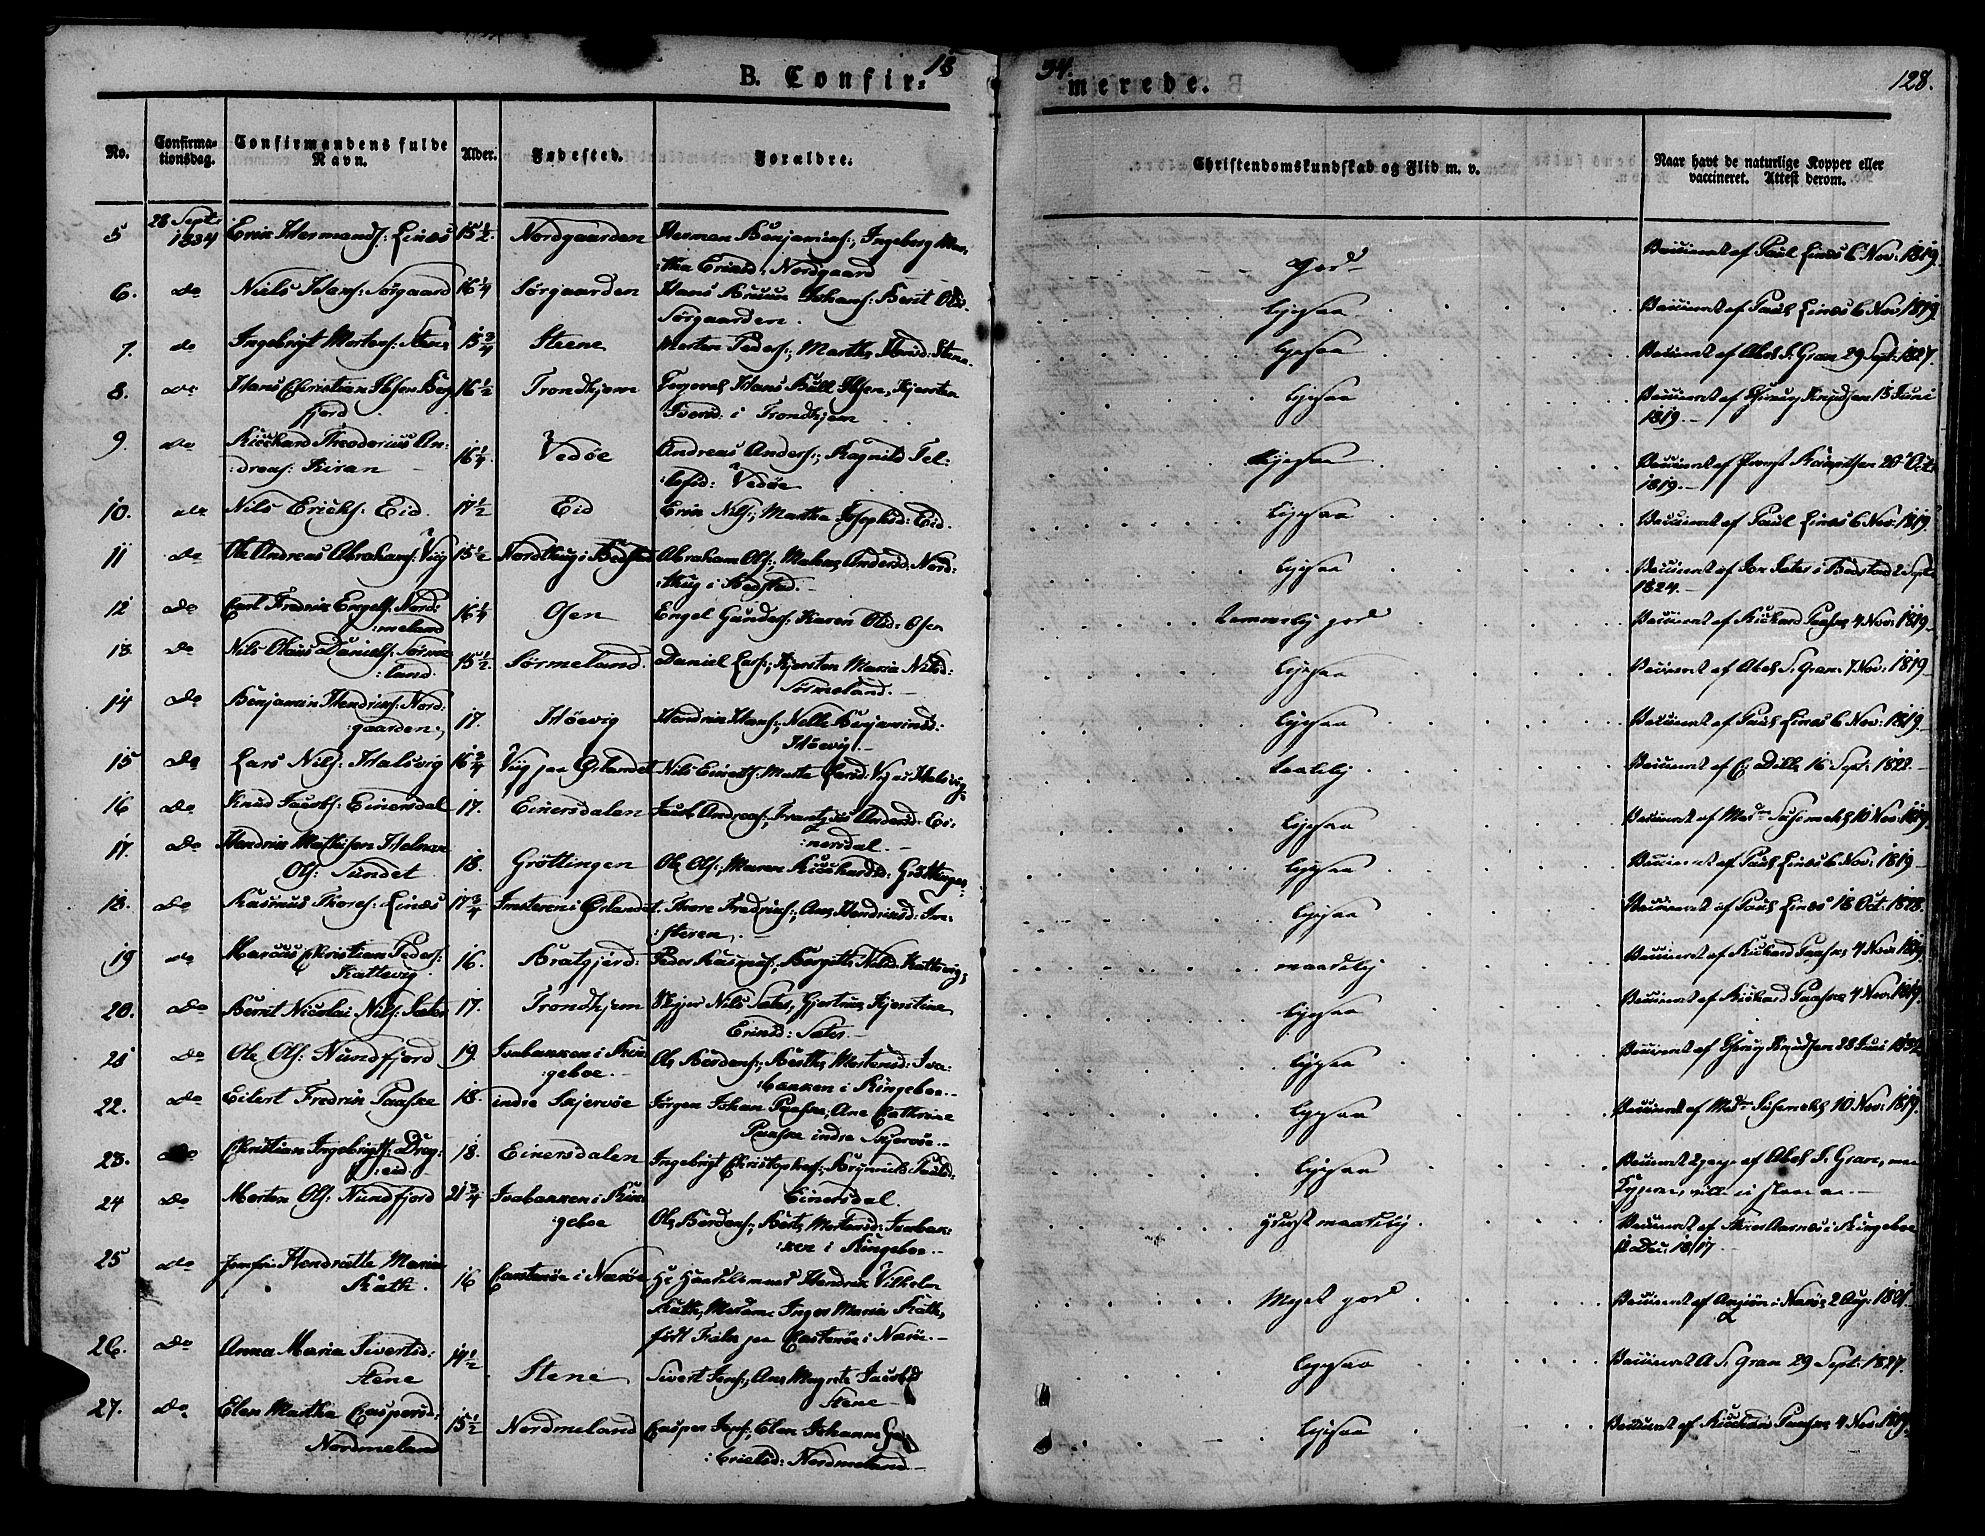 SAT, Ministerialprotokoller, klokkerbøker og fødselsregistre - Sør-Trøndelag, 657/L0703: Ministerialbok nr. 657A04, 1831-1846, s. 128